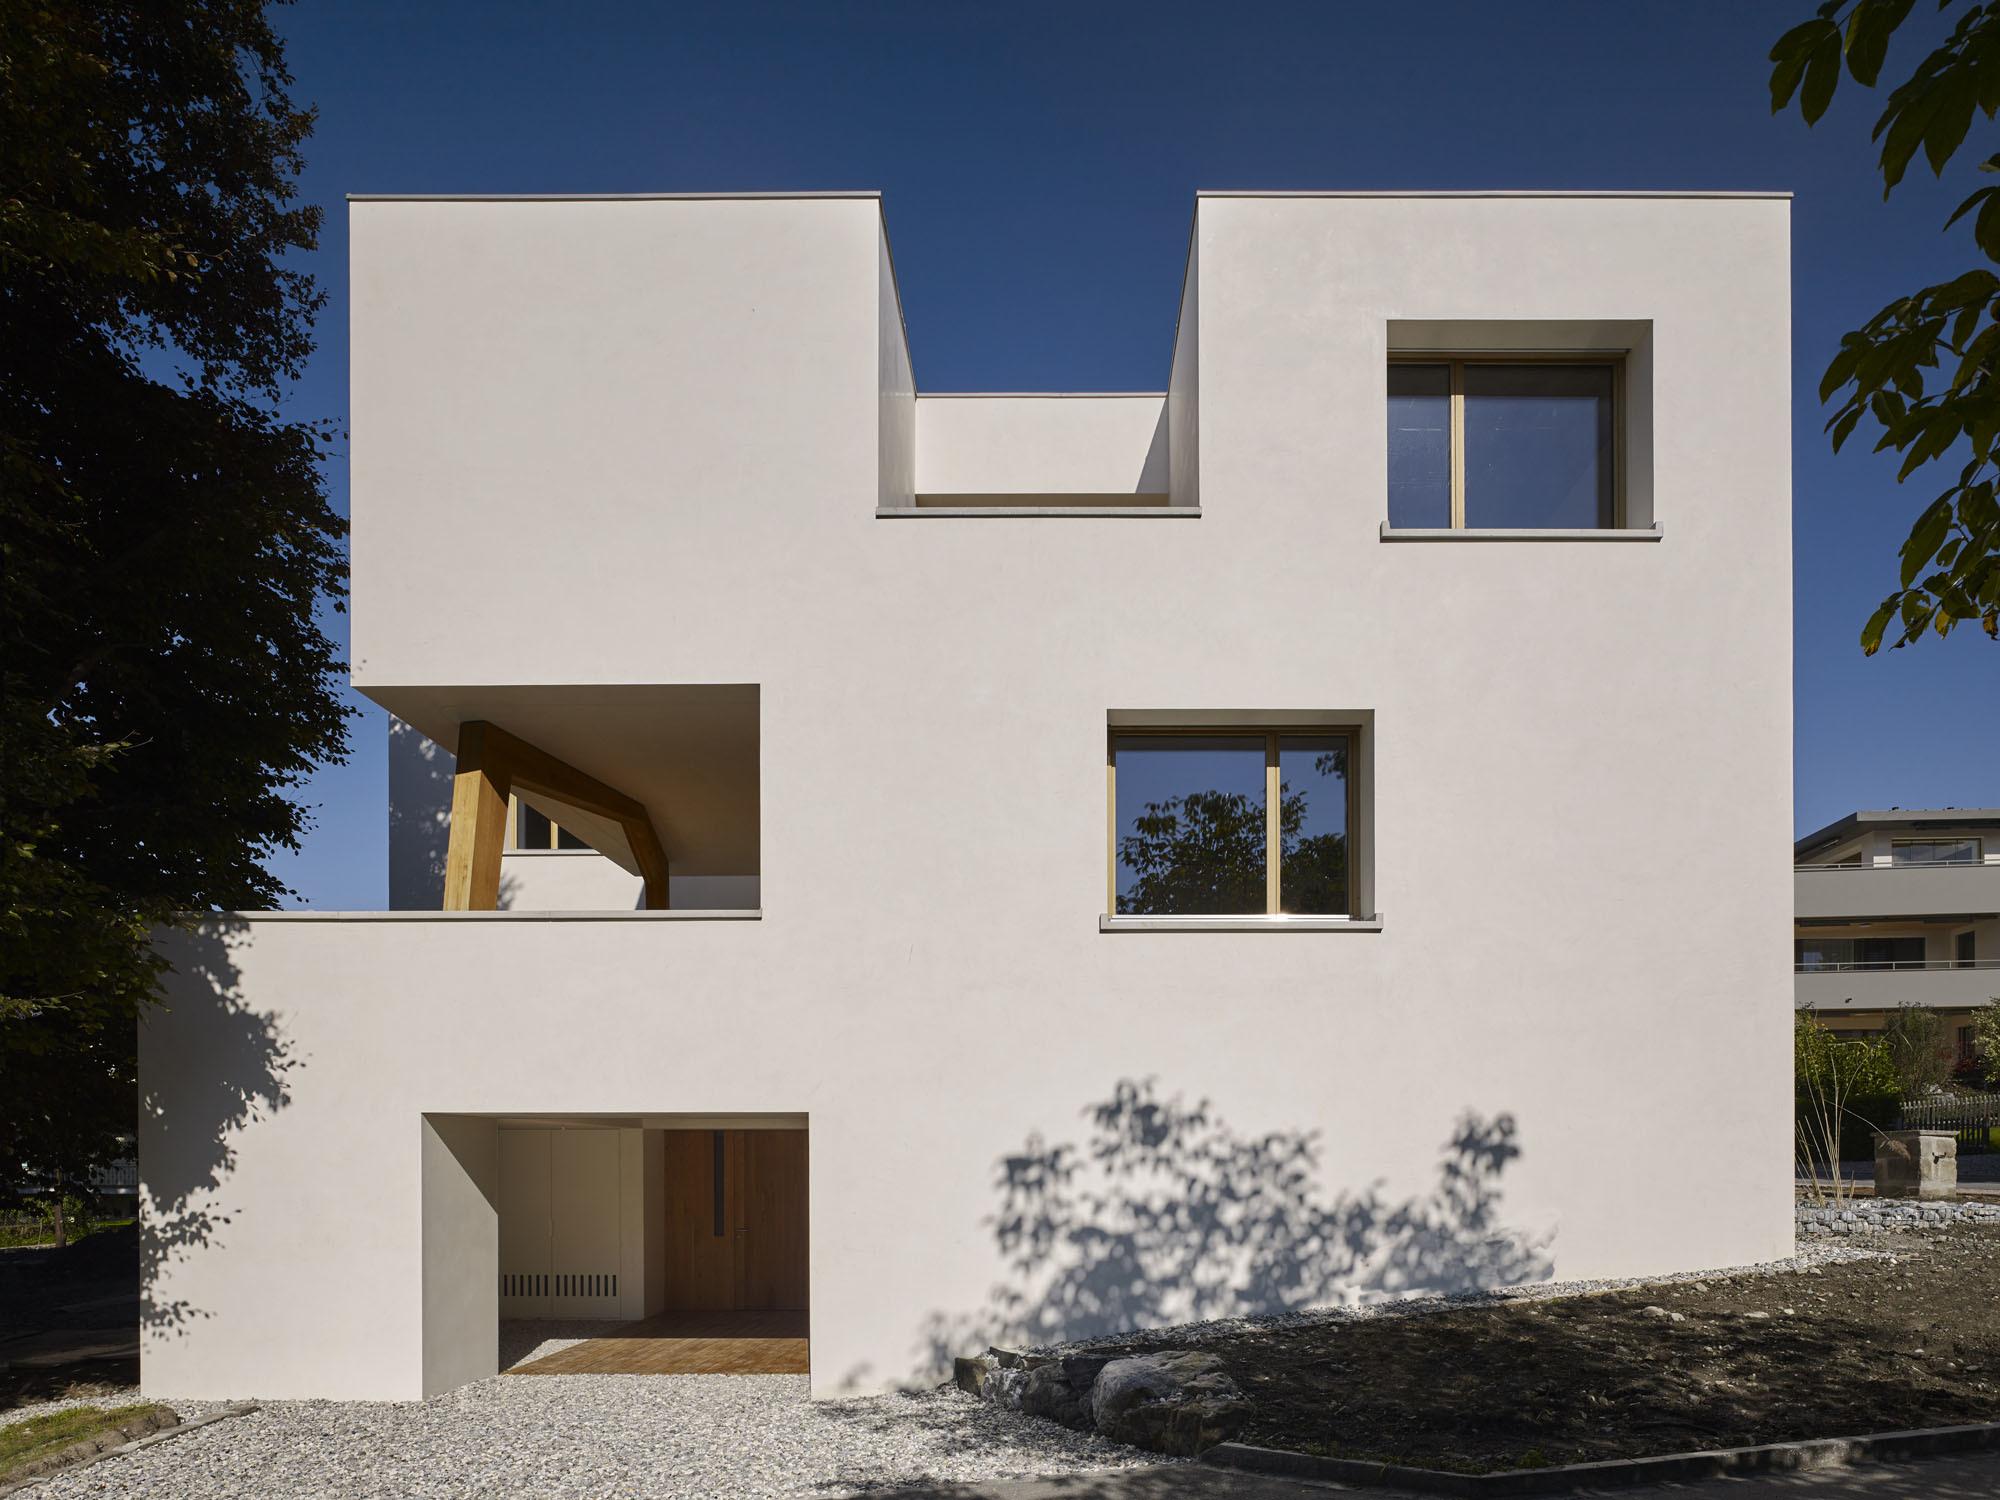 Einschnitte in den 396-Quadratmeter-Bau markieren sowohl den Eingangsbereich als auch die zum Teil überdachten Terrassen.